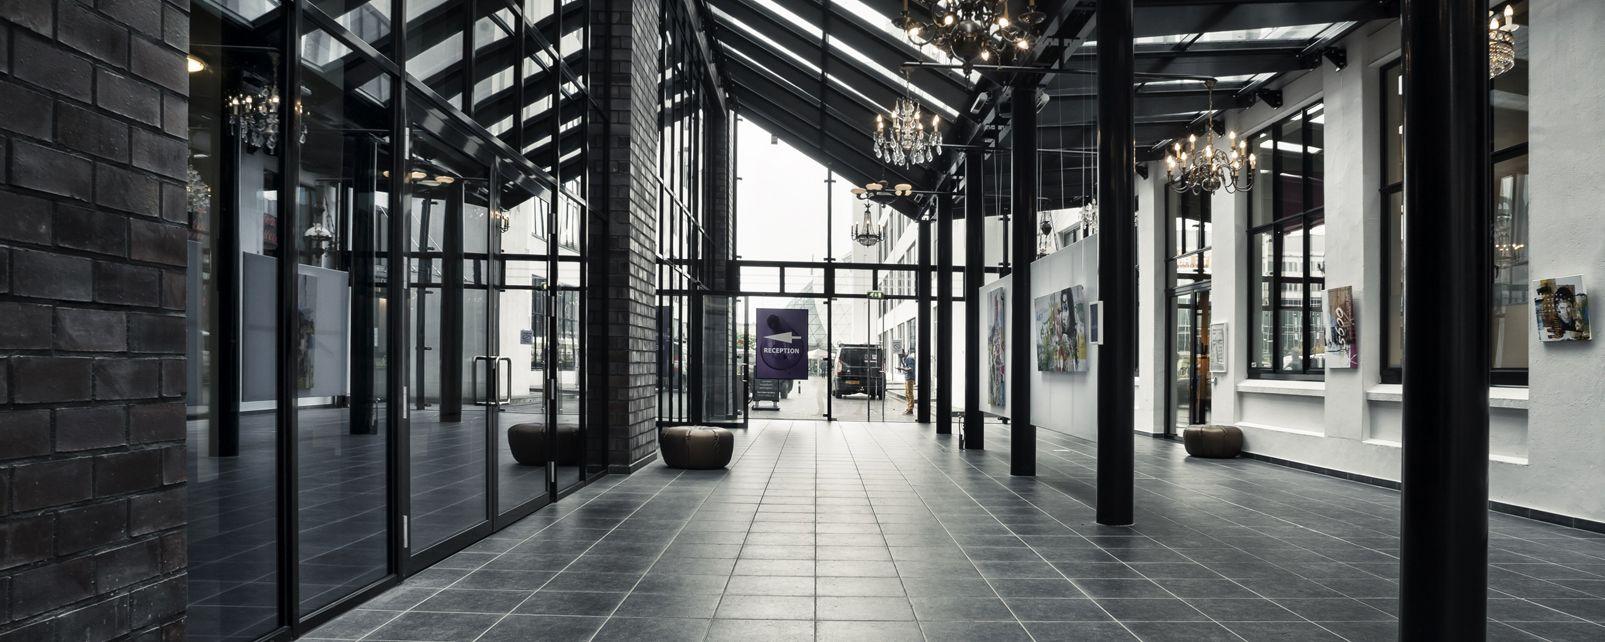 Hôtel ART Hotel Eindhoven